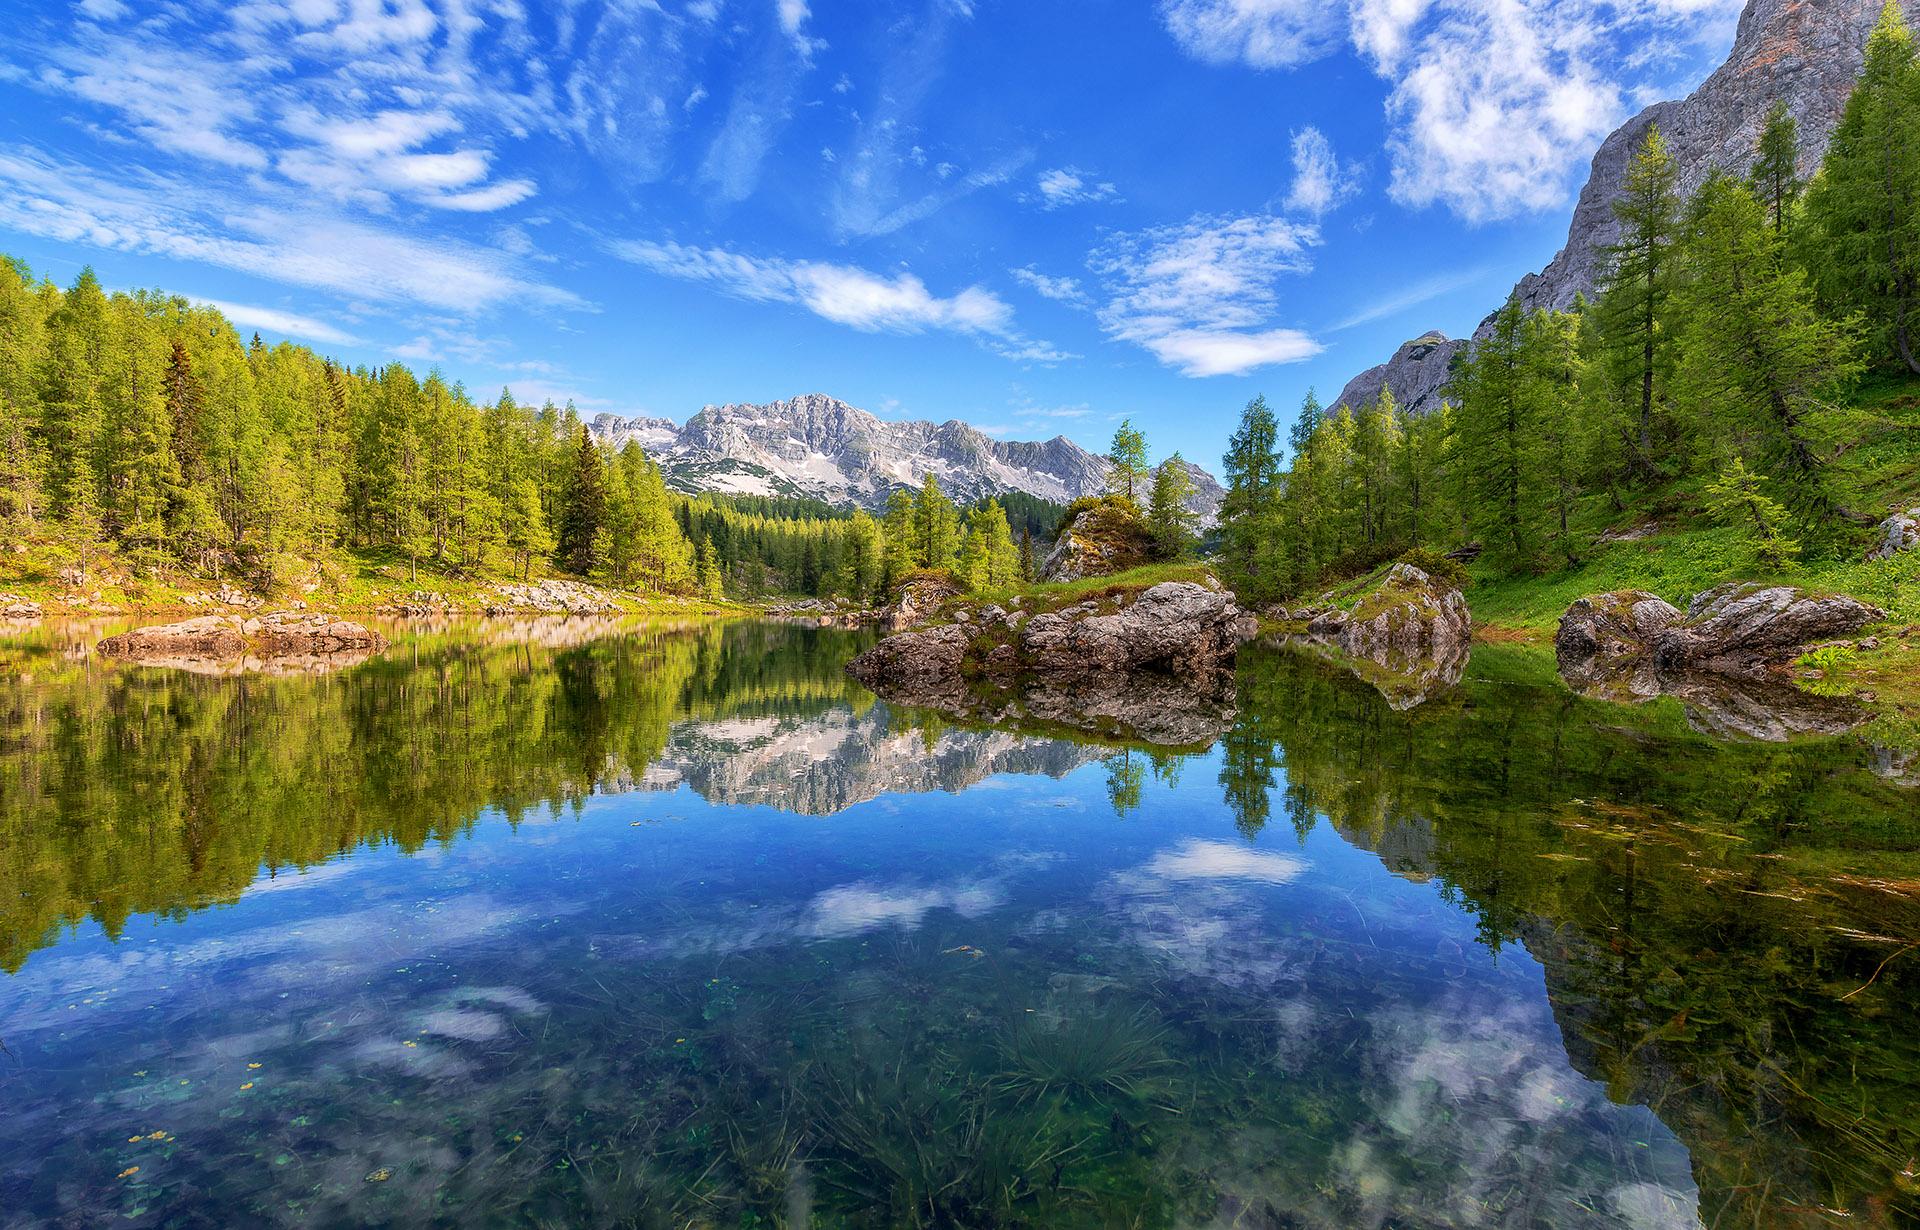 Dvojno jezero v dolini Sedmerih jezer